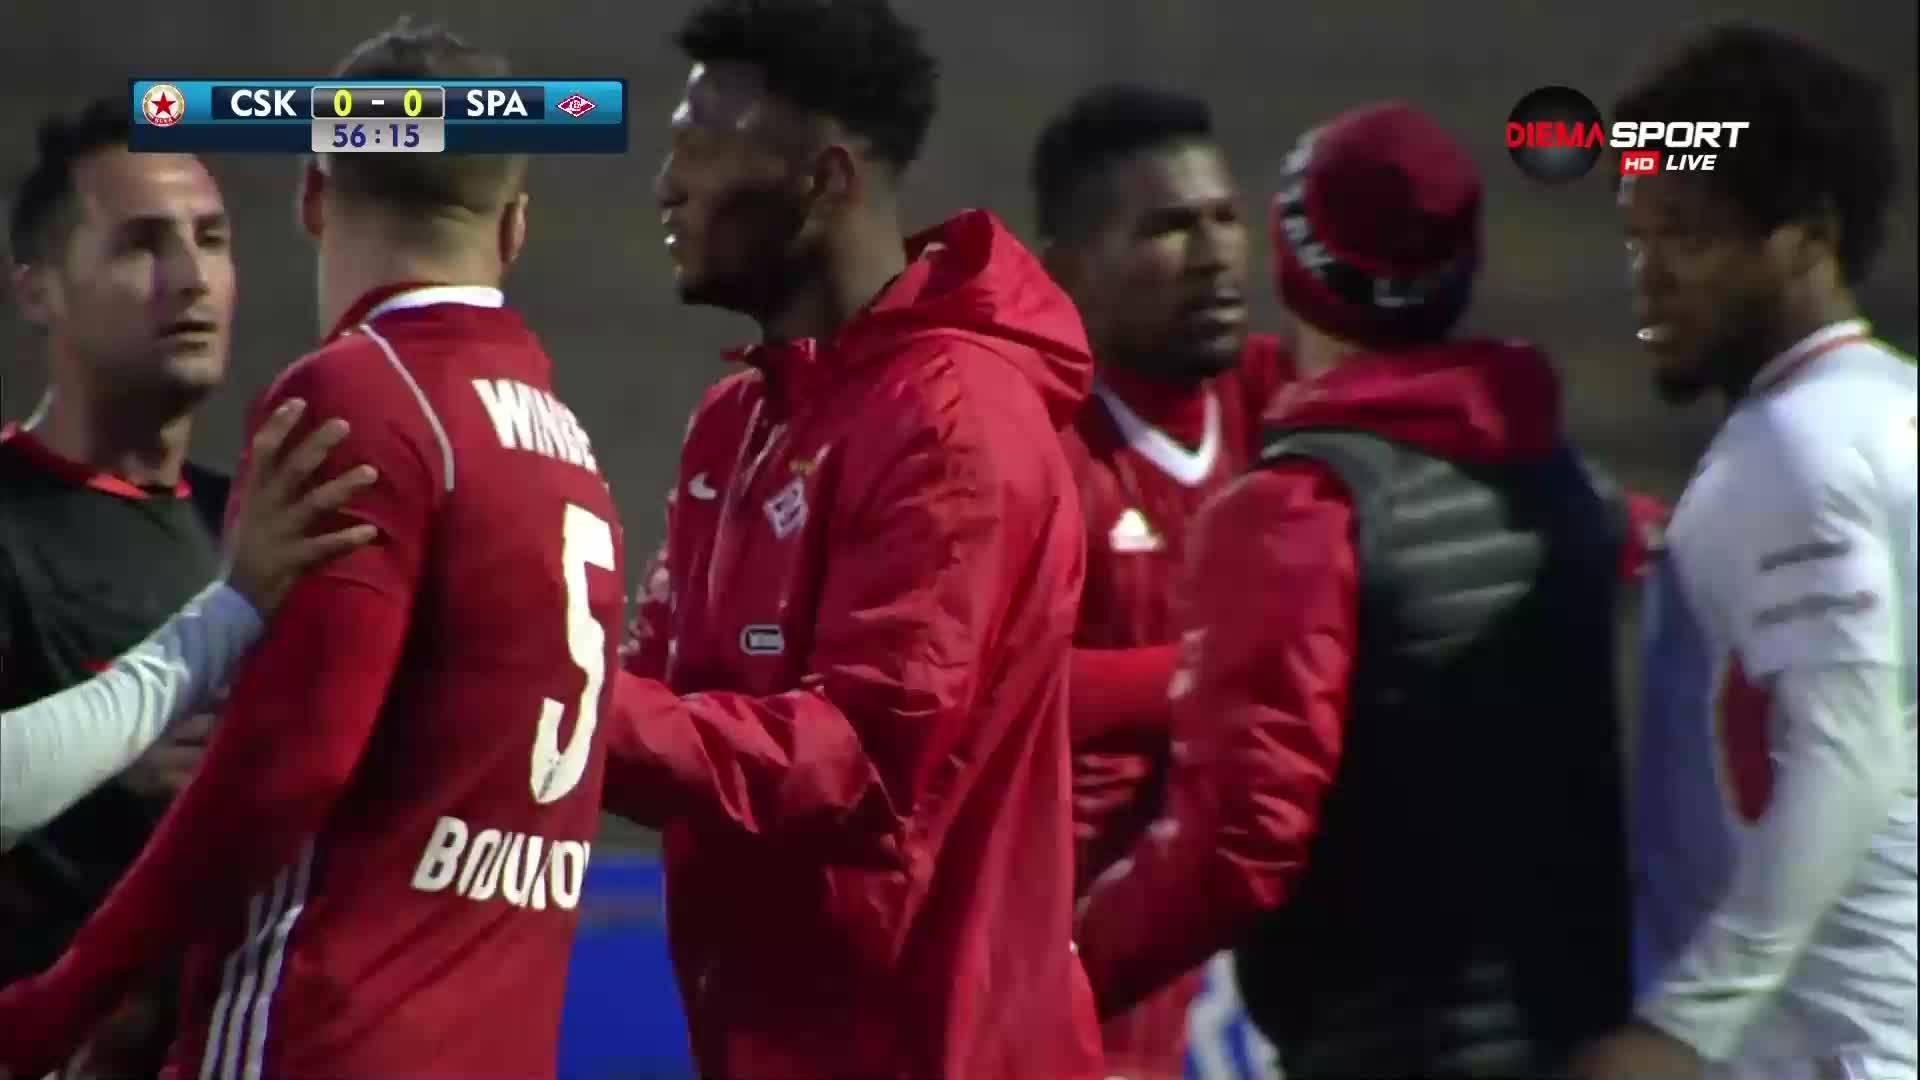 ЦСКА - Спартак Москва 0:0 /репортаж/